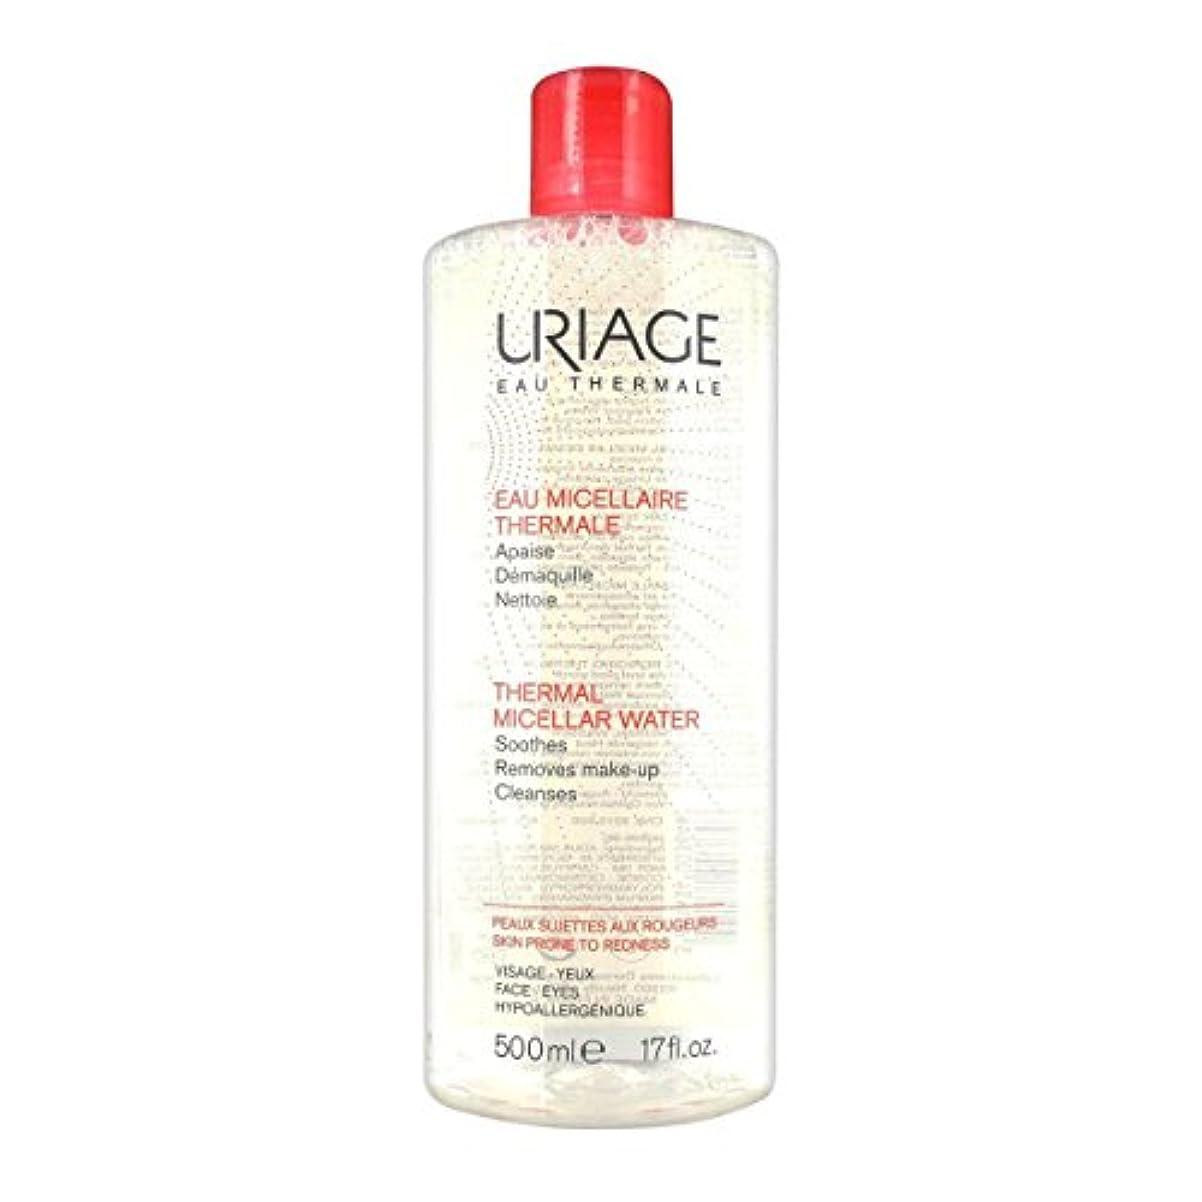 壊れたしてはいけない思い出させるUriage Thermal Micellar Water Skin Prone To Redness 500ml [並行輸入品]